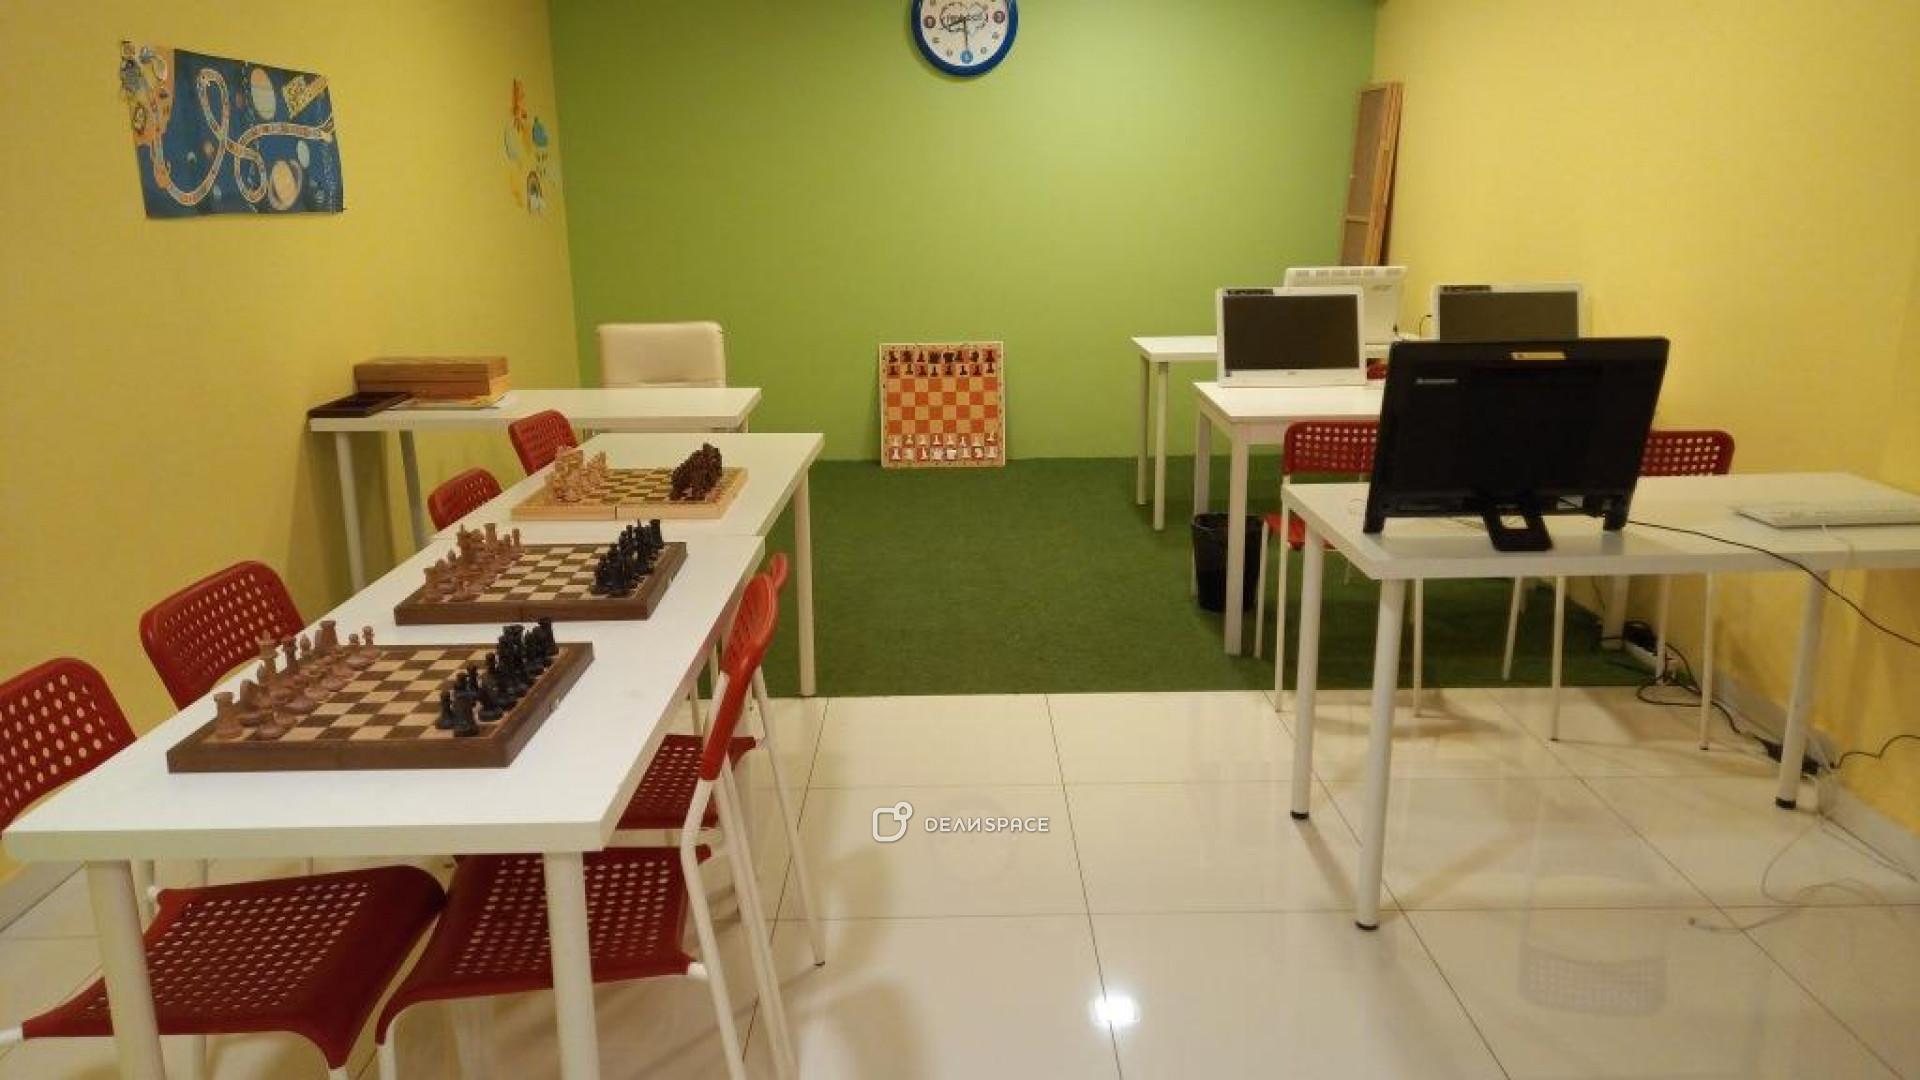 Кабинет шахмат - фото №4